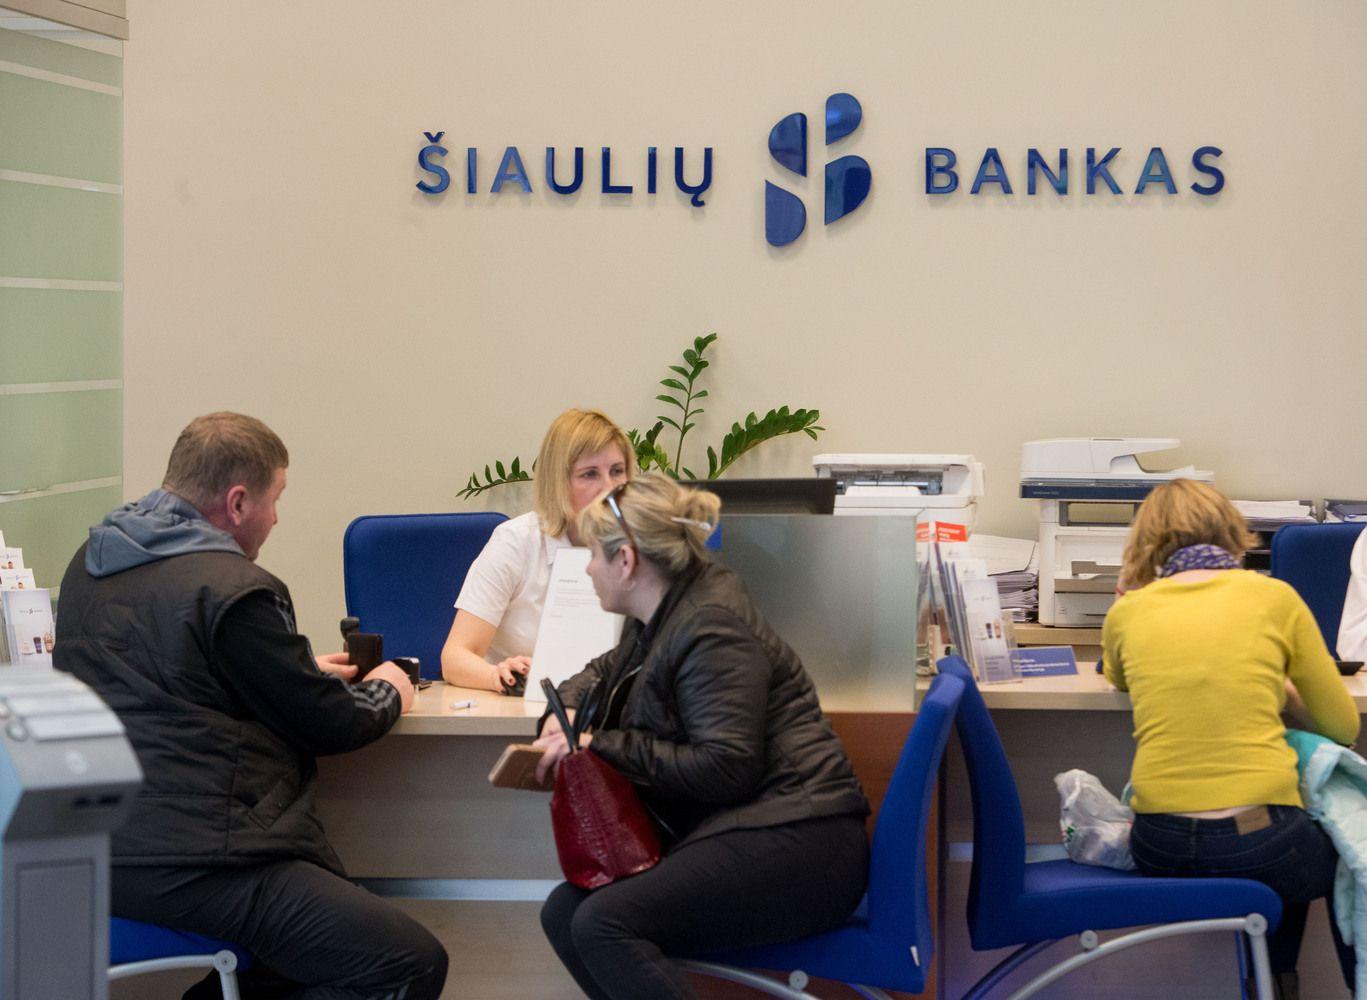 Savivaldybė parduodamų Šiaulių banko akcijų kainą nustatys aukcione